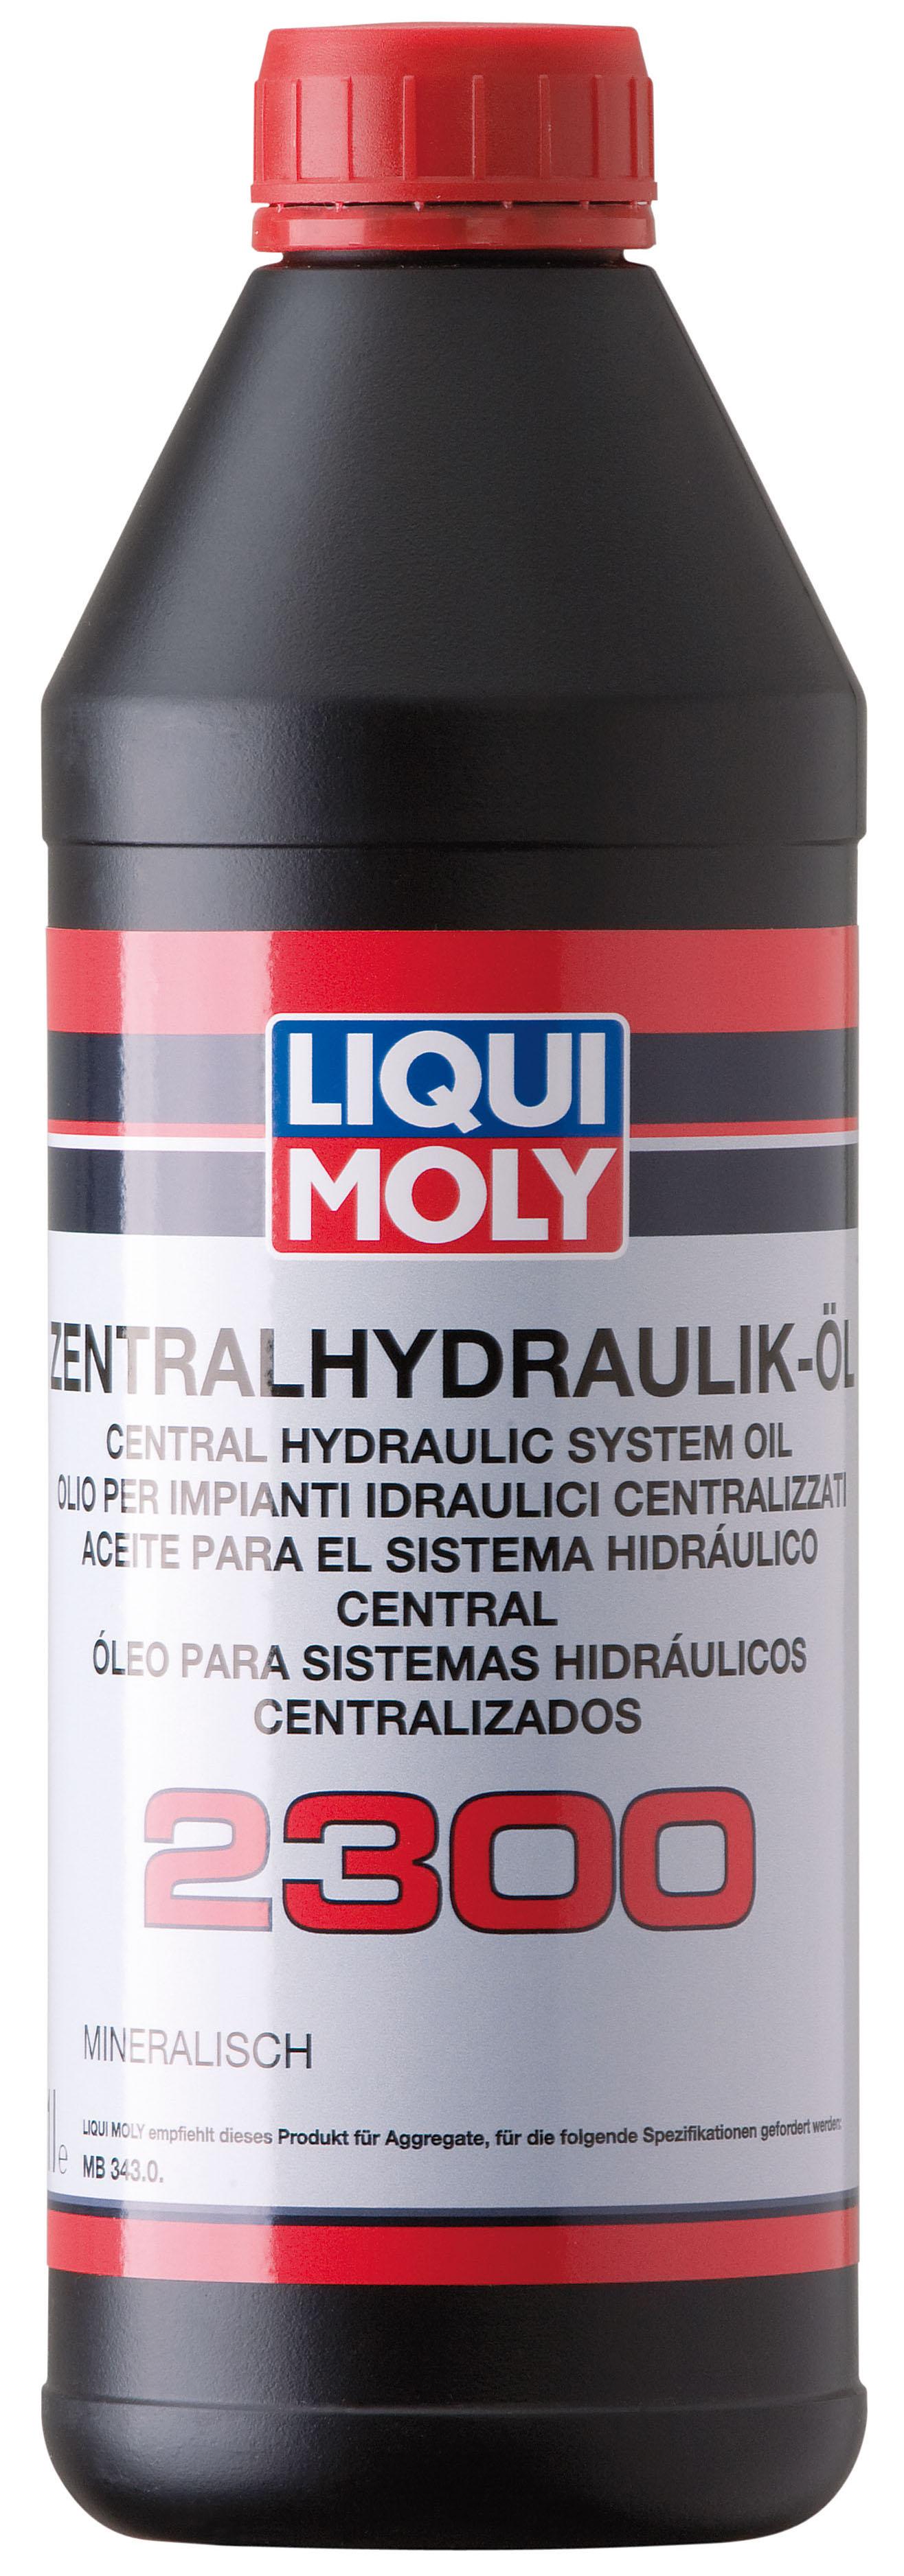 Минеральная гидравлическая жидкость Zentralhydraulik-Oil 2300